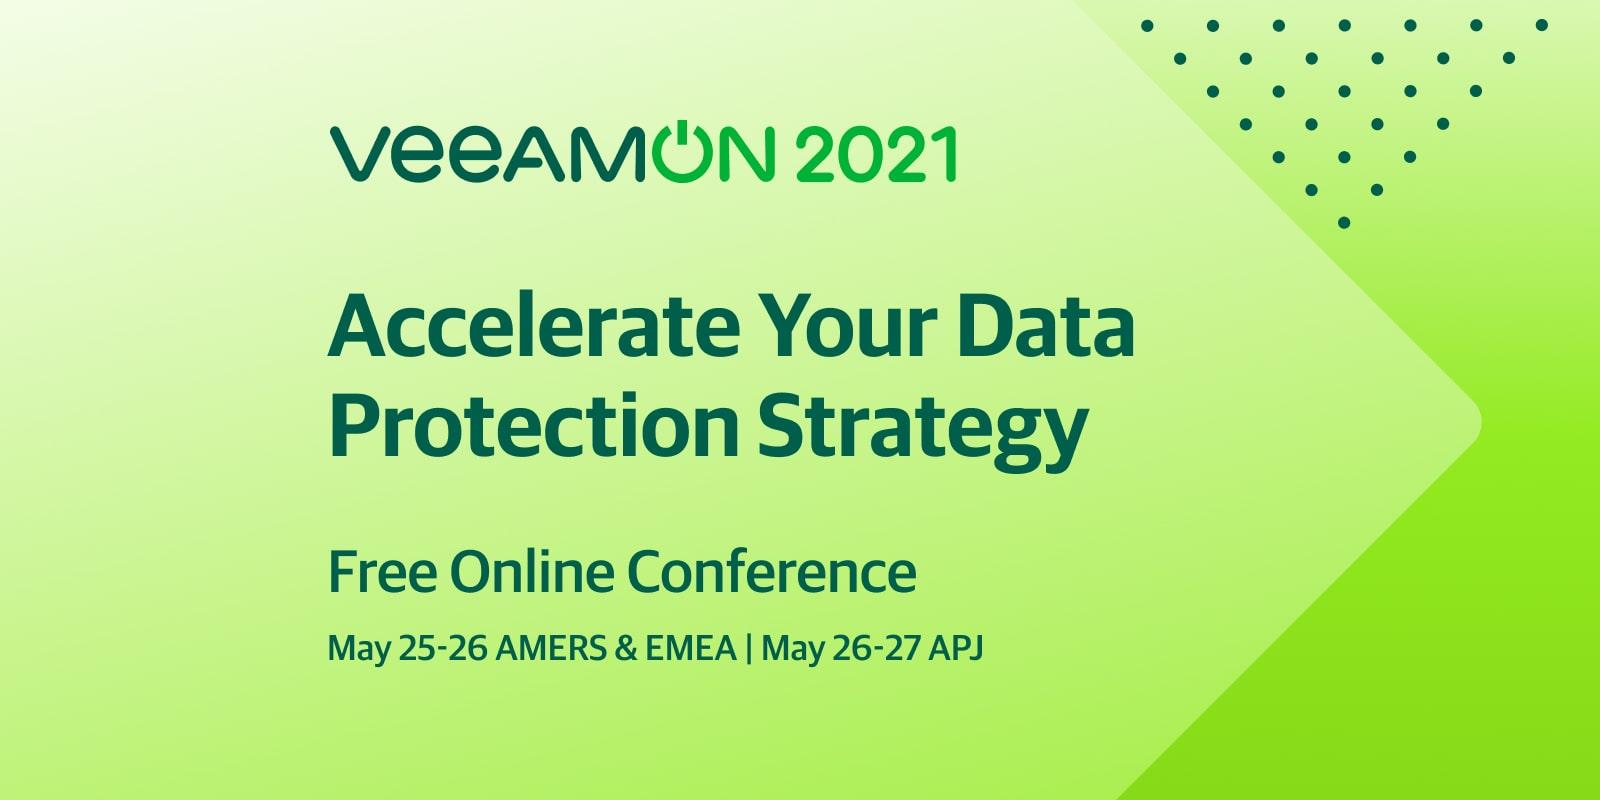 Veeam dezvăluie viitorul protecției moderne a datelor la VeeamON 2021